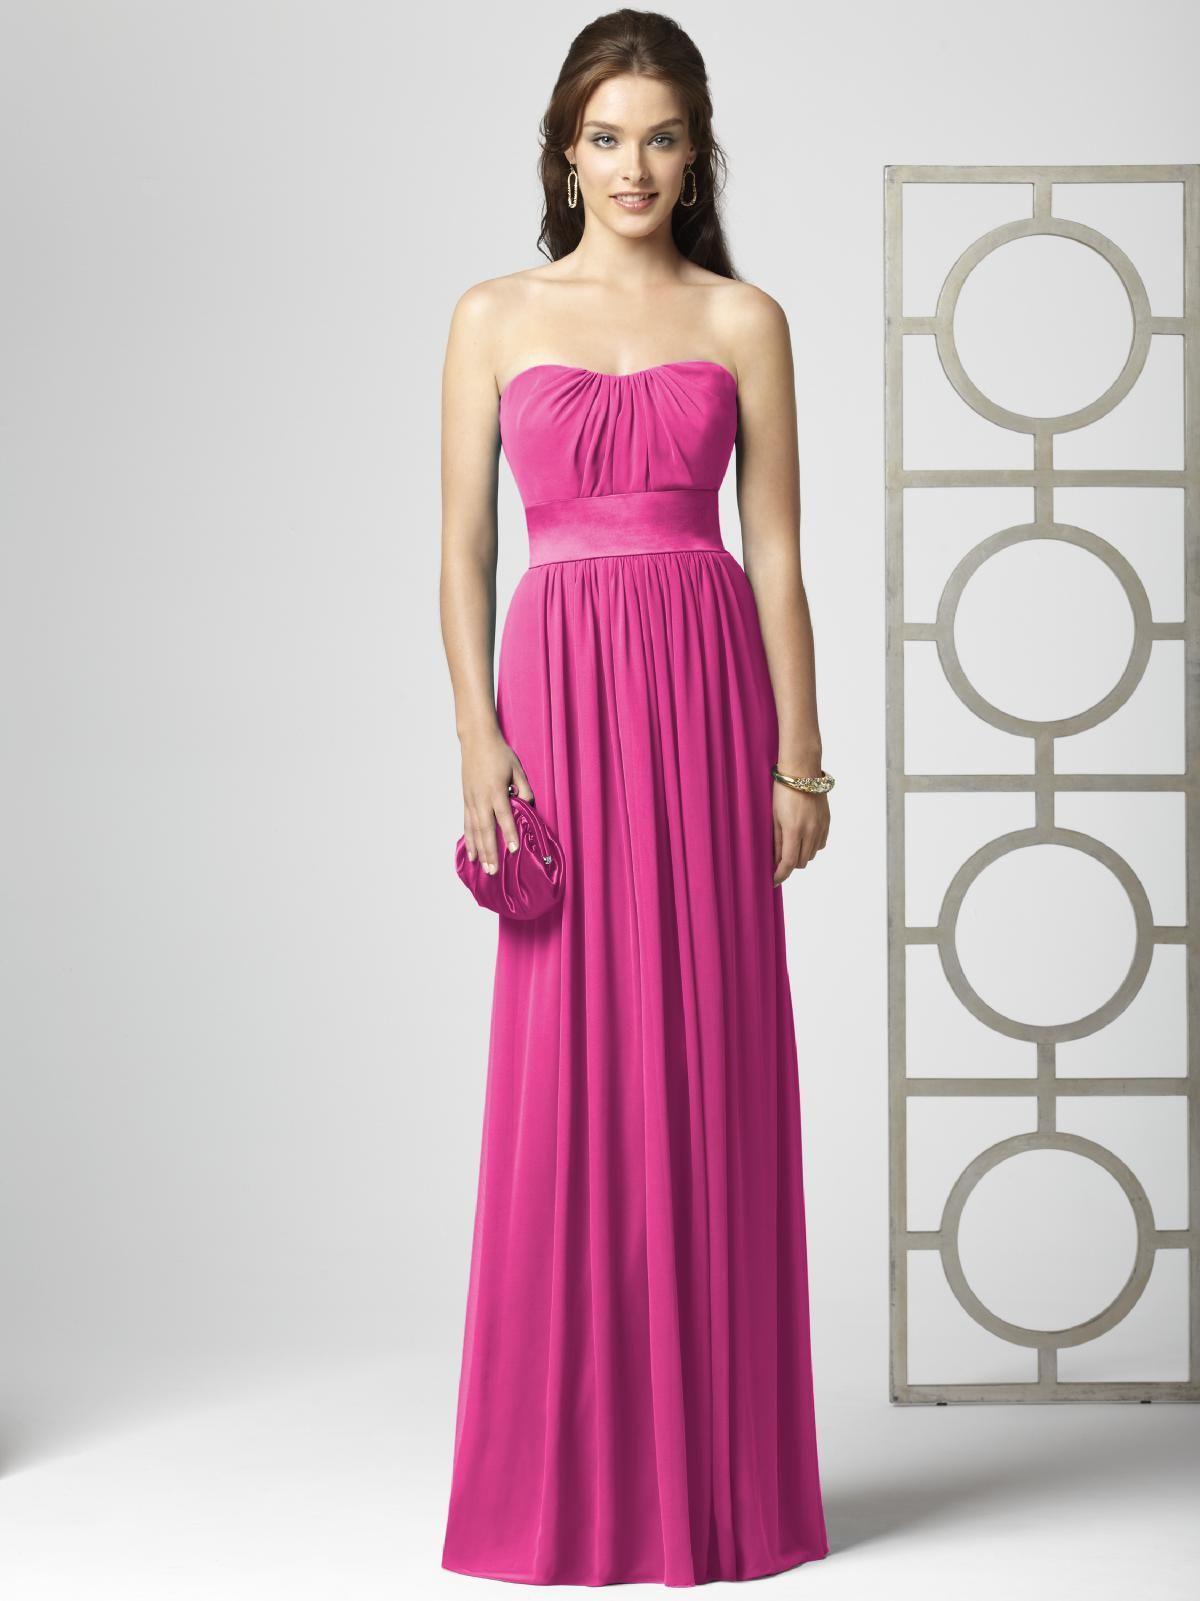 ADORABLR:) | clothes :3 | Pinterest | Ropa elegante, Elegante y Ropa